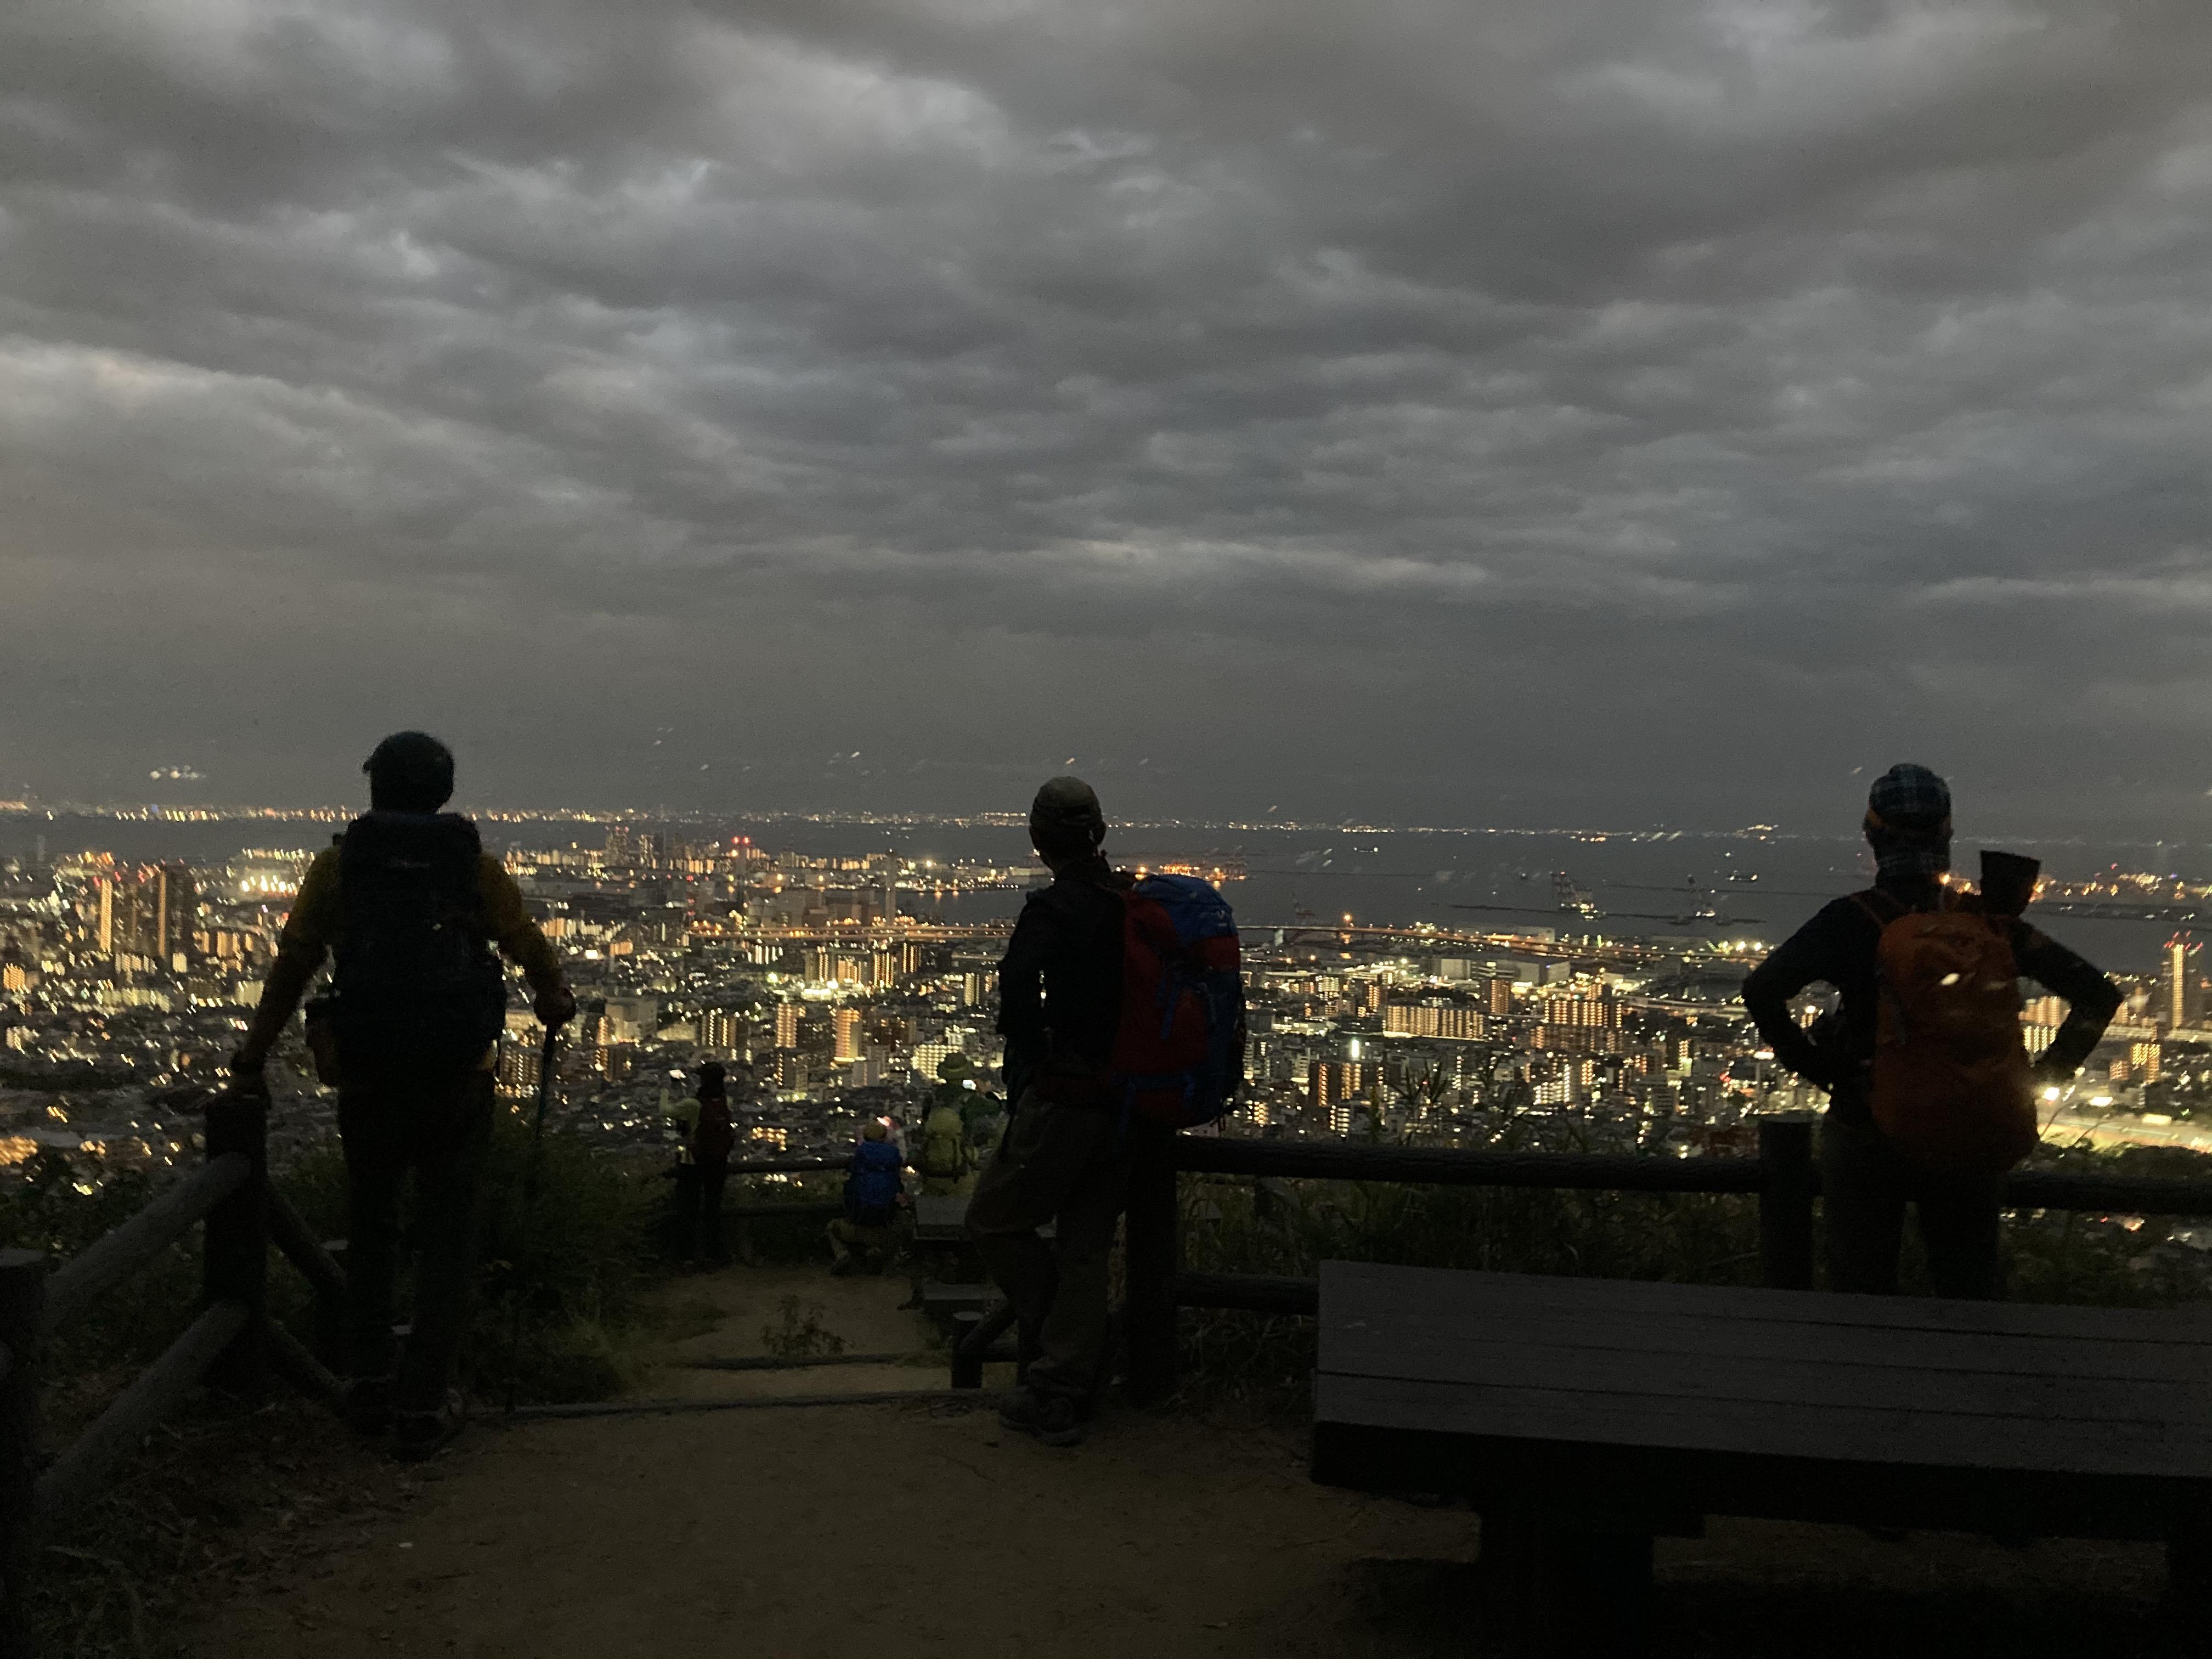 2020/11/01 六甲縦走 逆東コース『ザックよ!あれが神戸の灯だ』